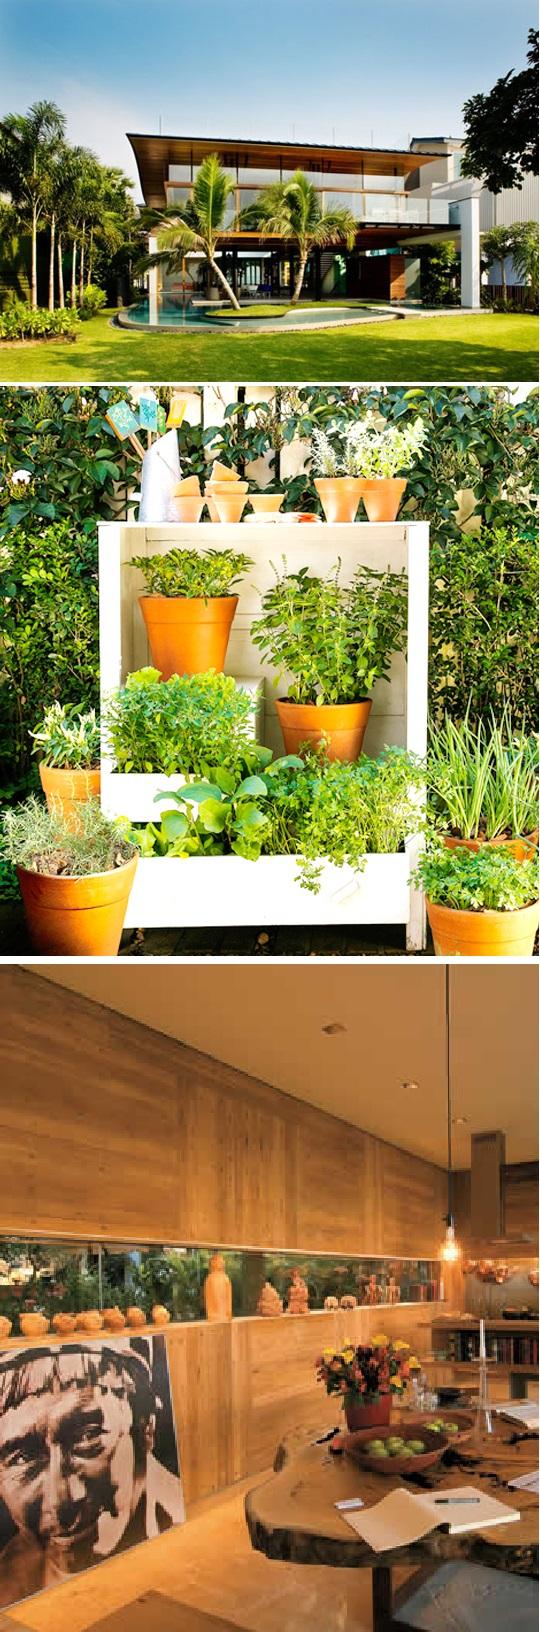 Casa de sustentabilidade 3